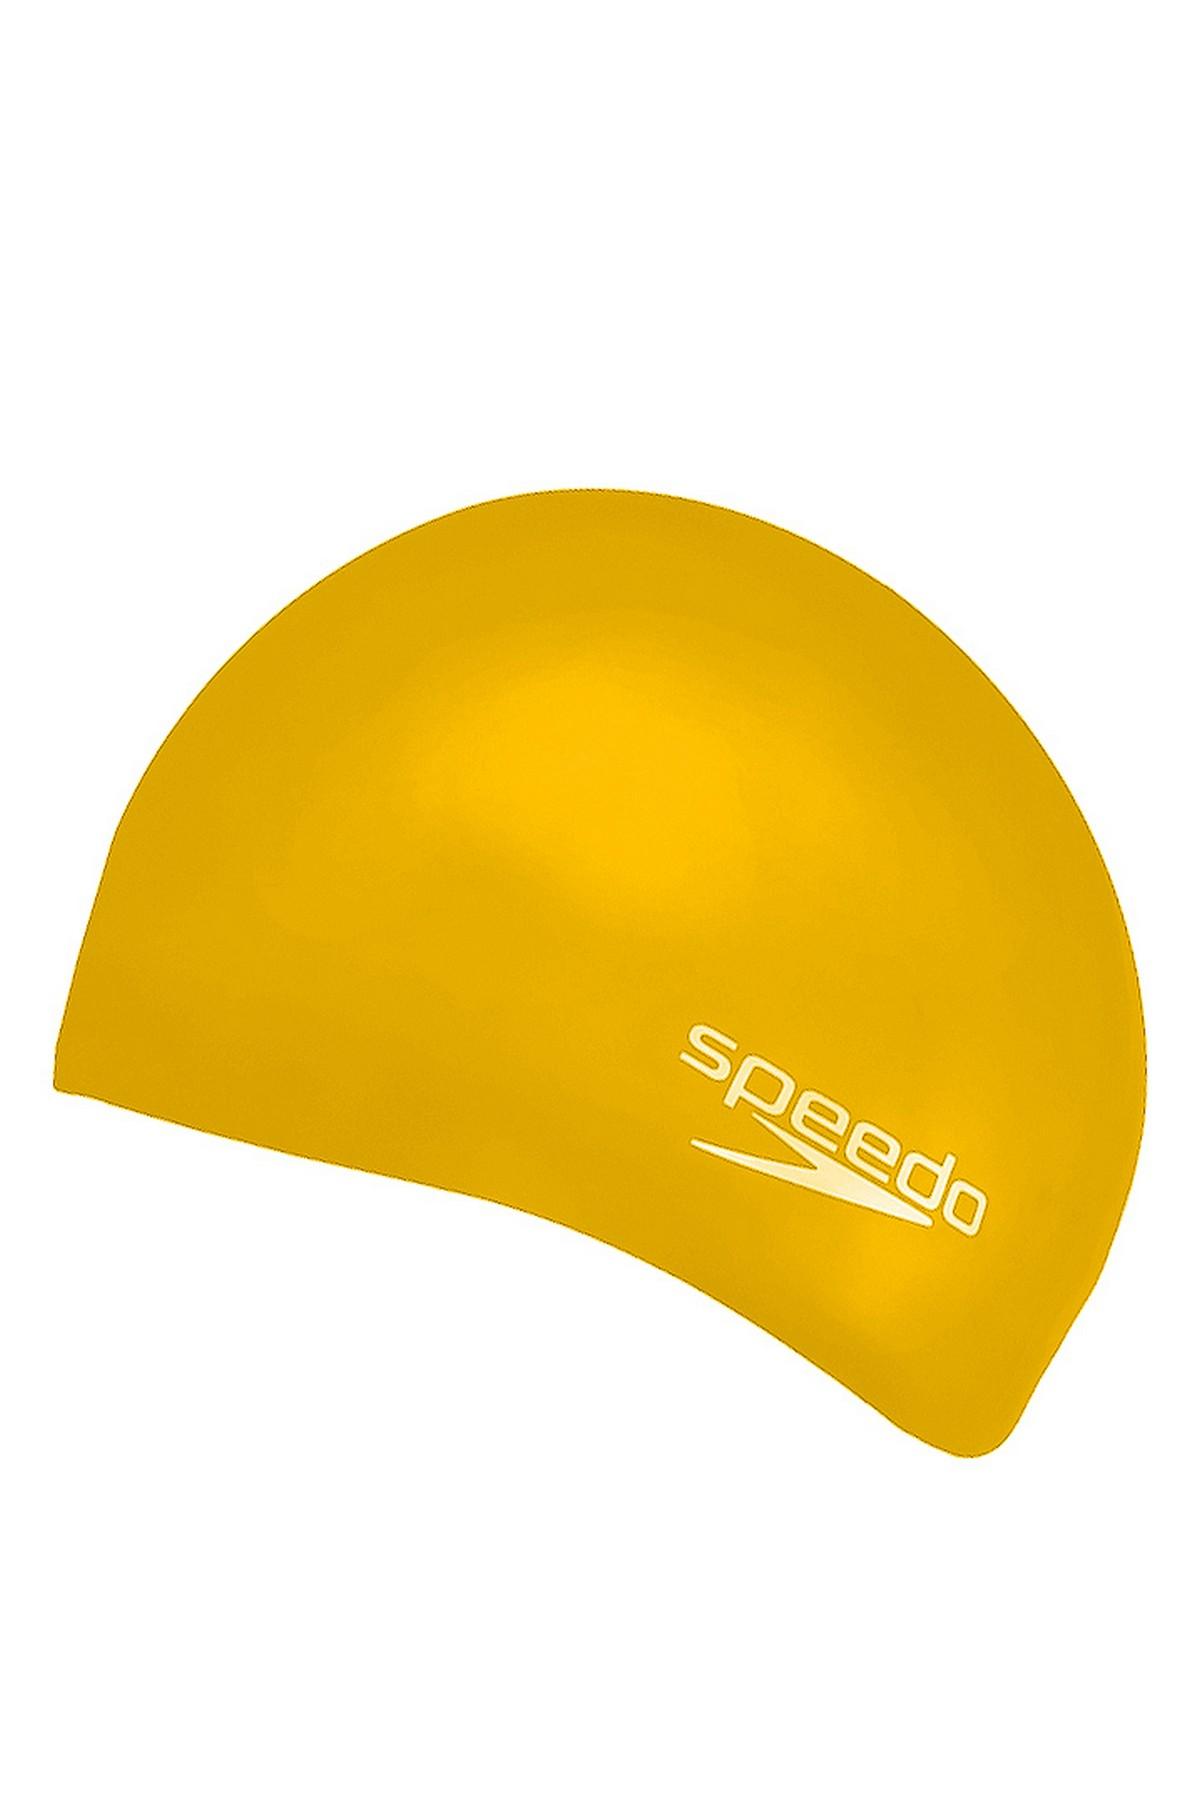 Speedo Plain Moud Silikon Çocuk Yüzücü Bonesi Sarı (8-709906526-S)